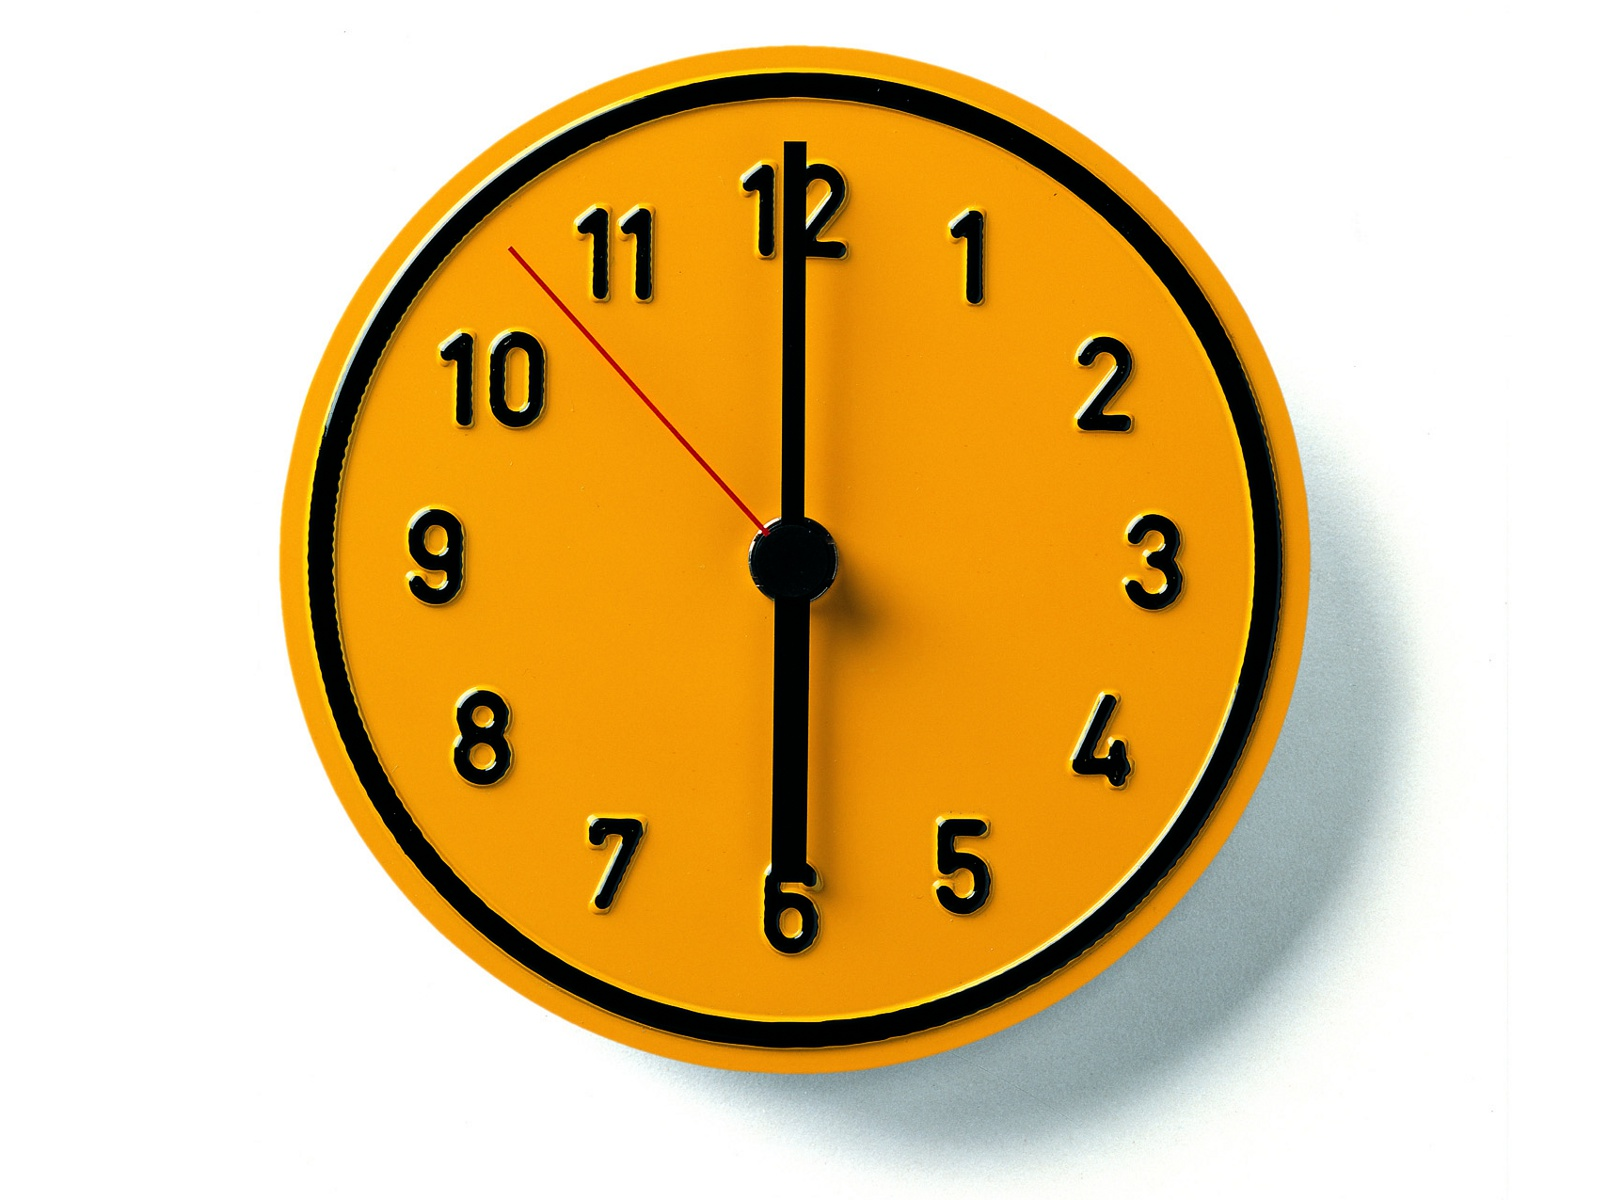 Reloj de pared alu alu by richard lampert dise o jochen gros - Reloj de pared diseno ...